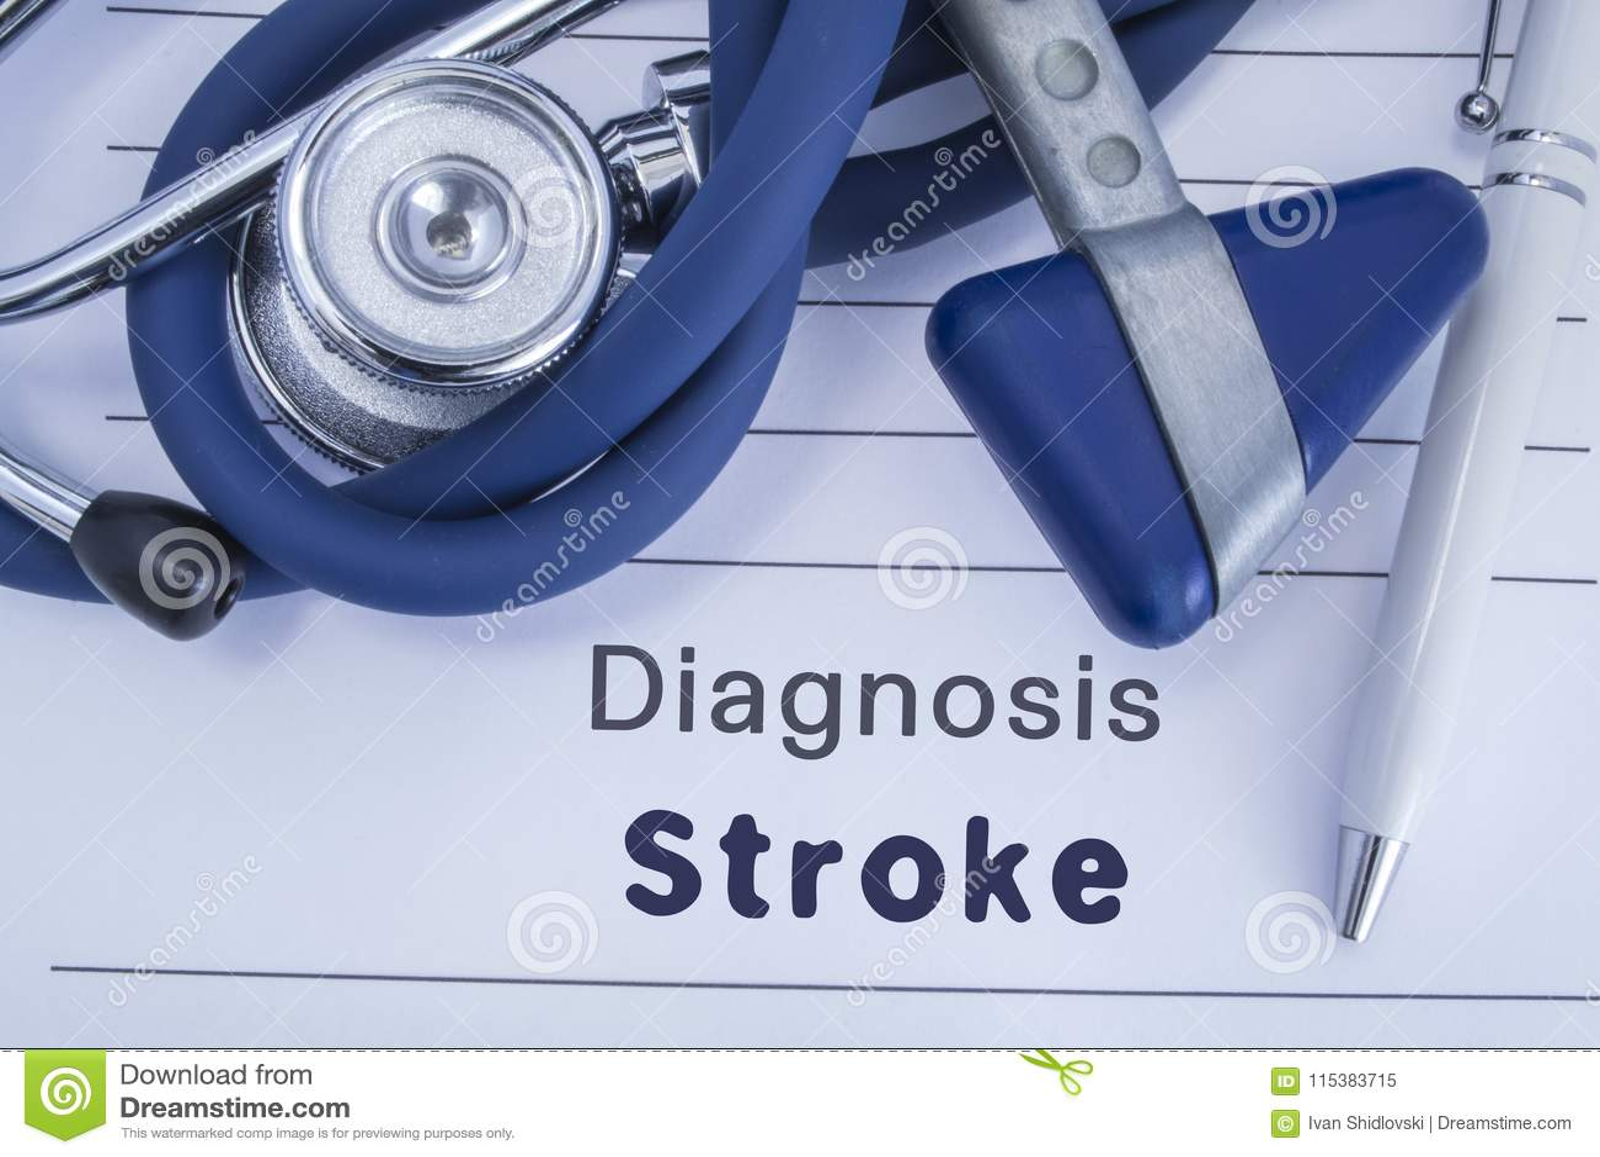 Η διάγνωση του κτυπήματος Ιατρικό ιστορικό εγγράφου με τη διάγνωση του κτυπήματος, στην οποία μπλε στηθοσκόπιο ψέματος, νευρολογι